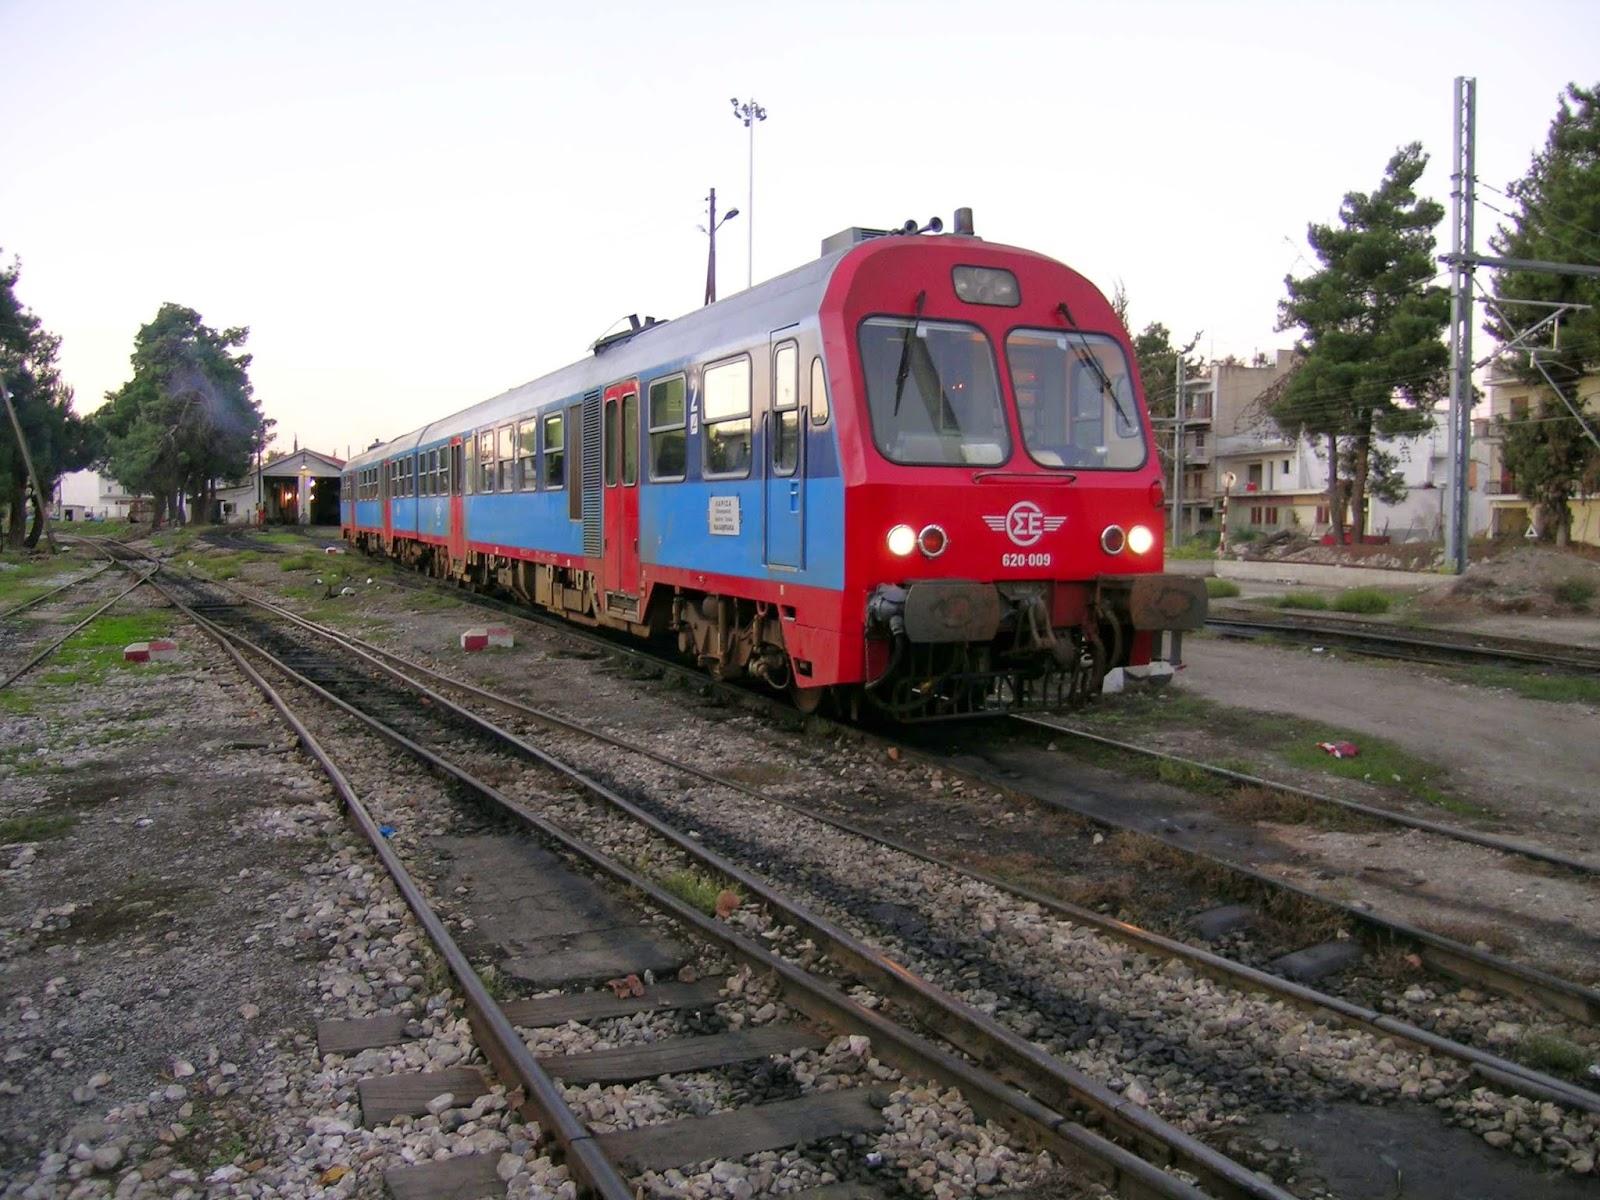 Βόλος: Αυτοκίνητο παραβίασε σιδηροδρομική διάβαση και παρασύρθηκε από τρένο